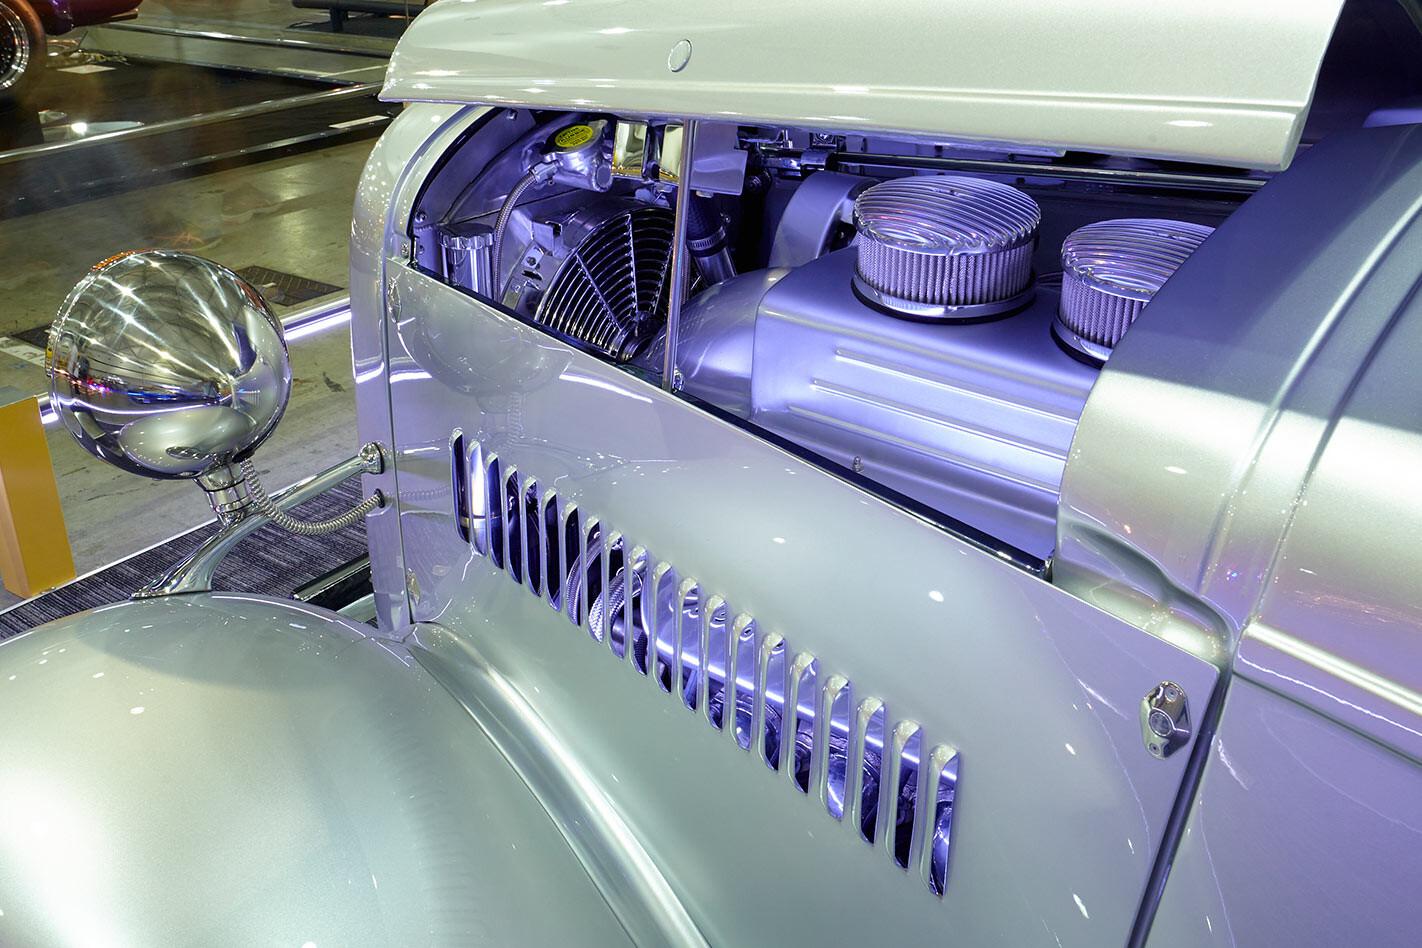 Silver Fox bus engine